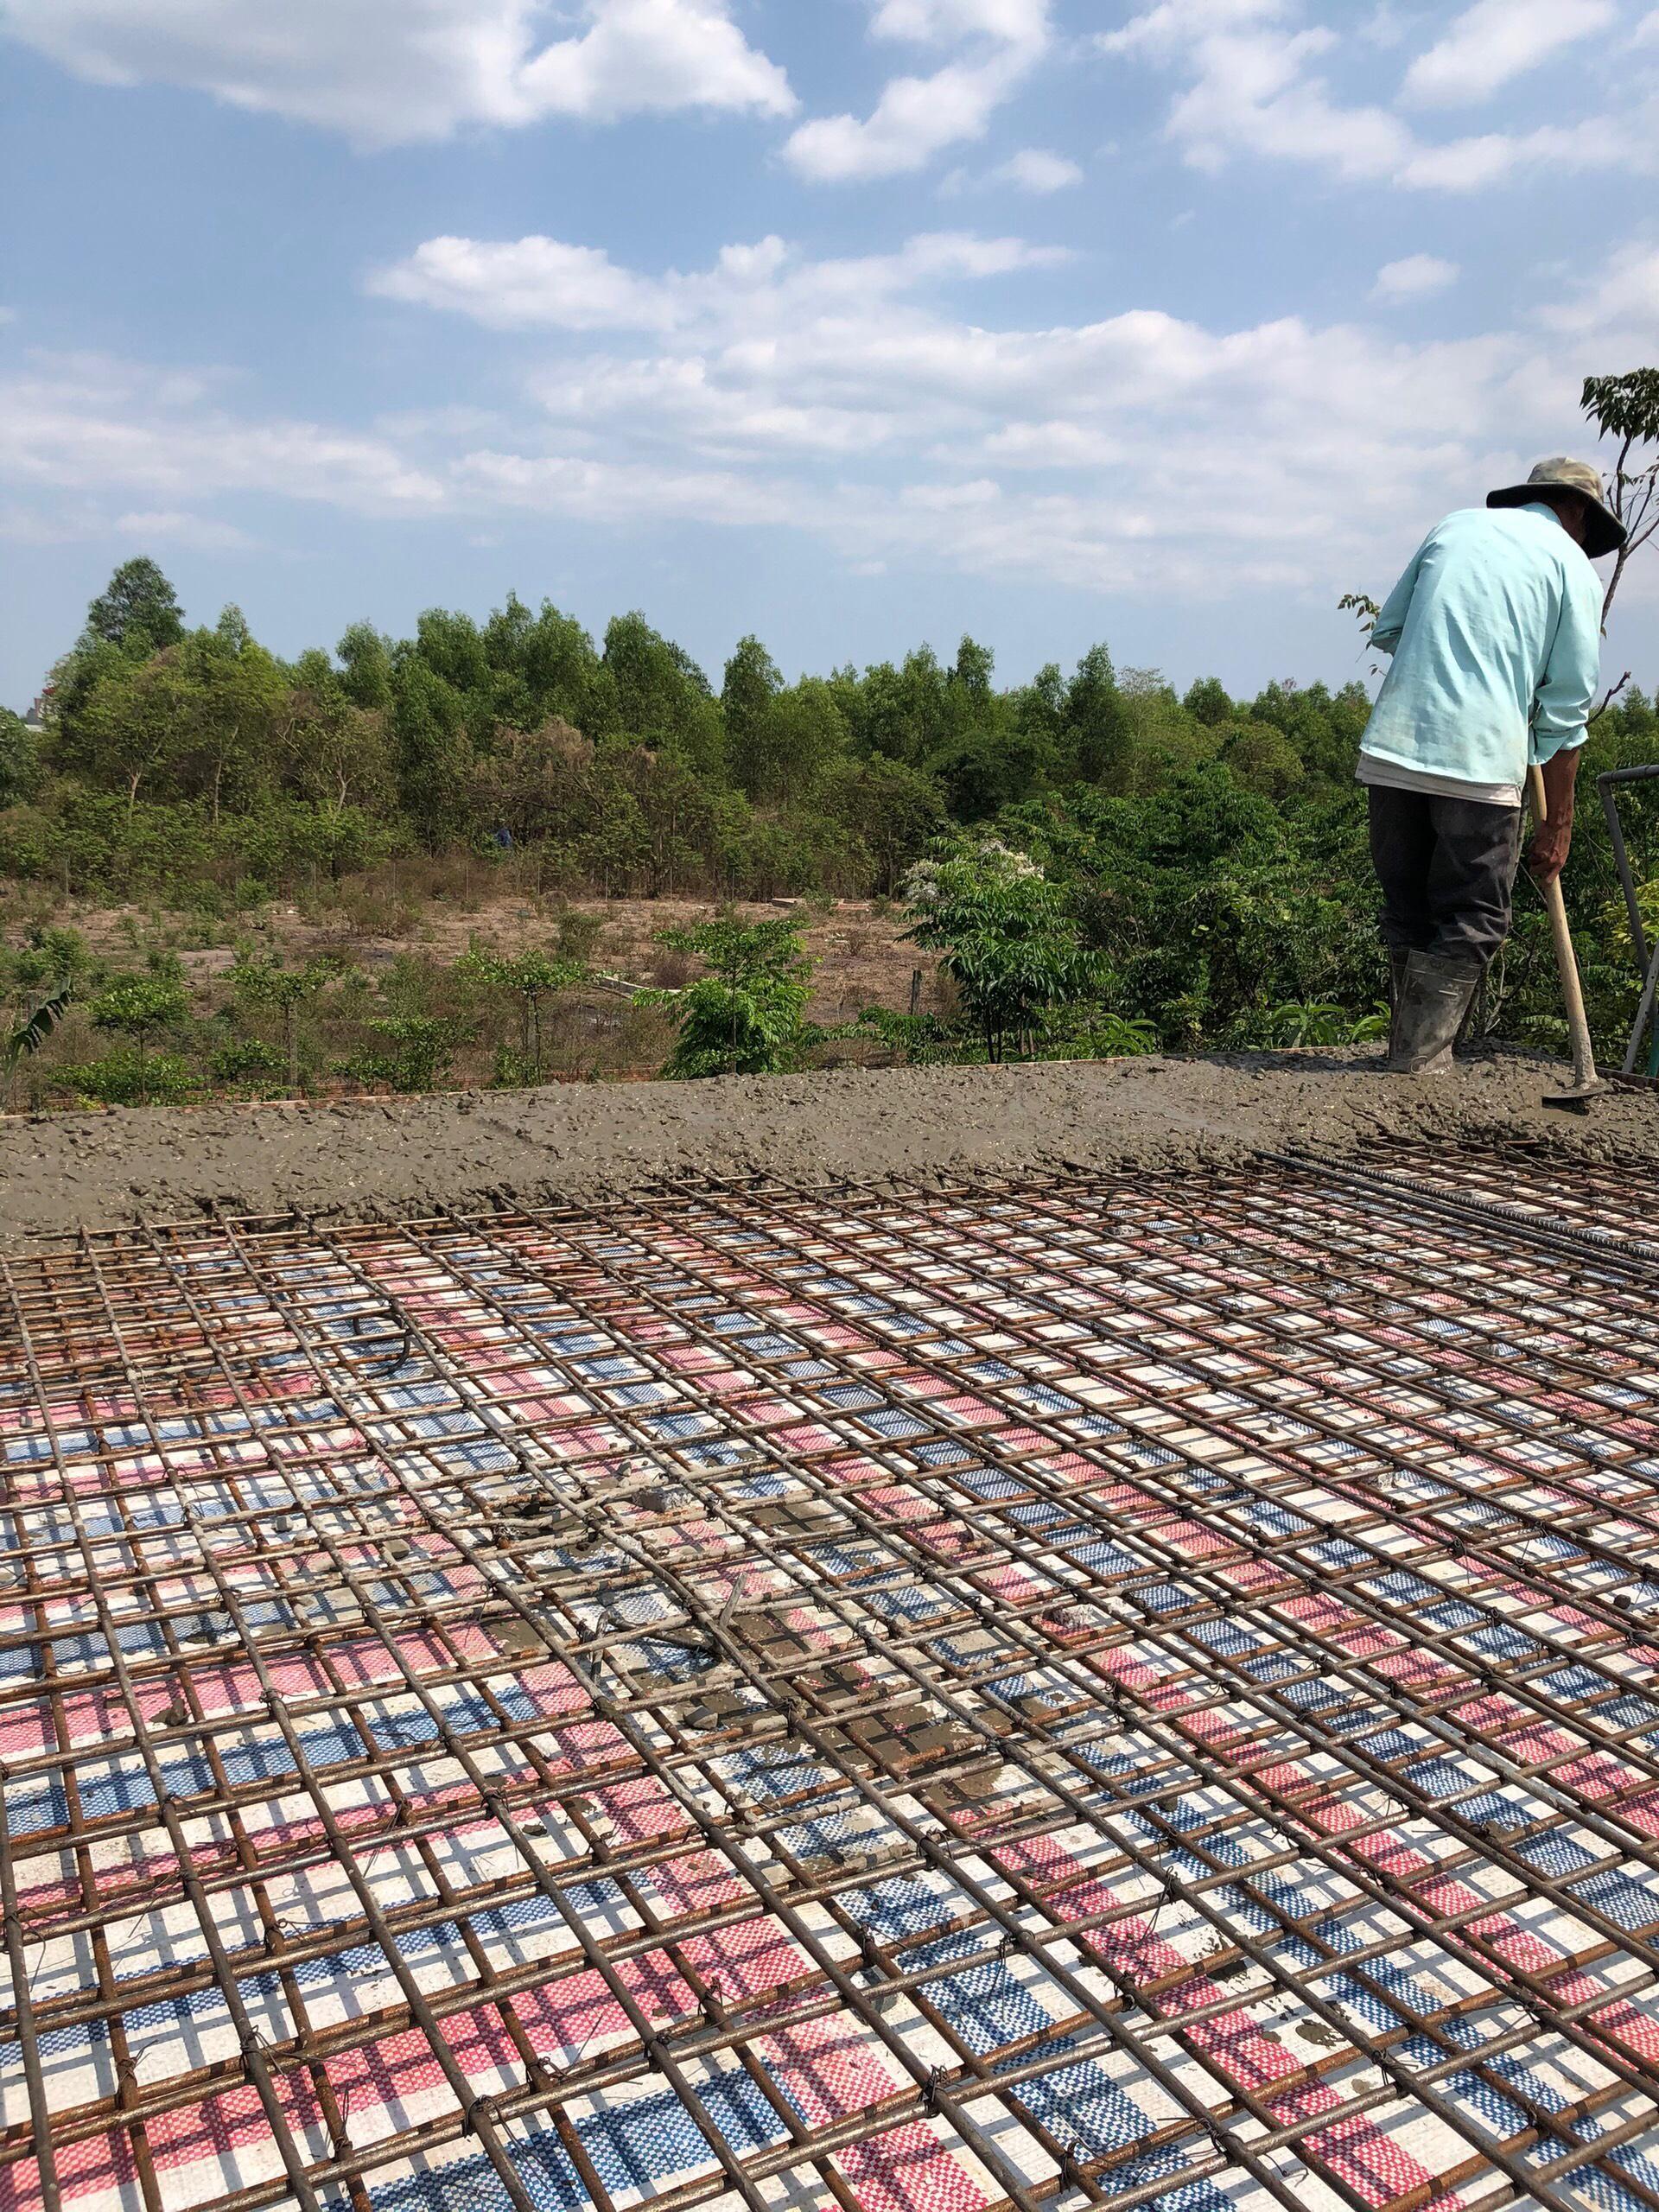 Hình ảnh thi công xây dựng công trình Biên Hòa Đồng Nai 14